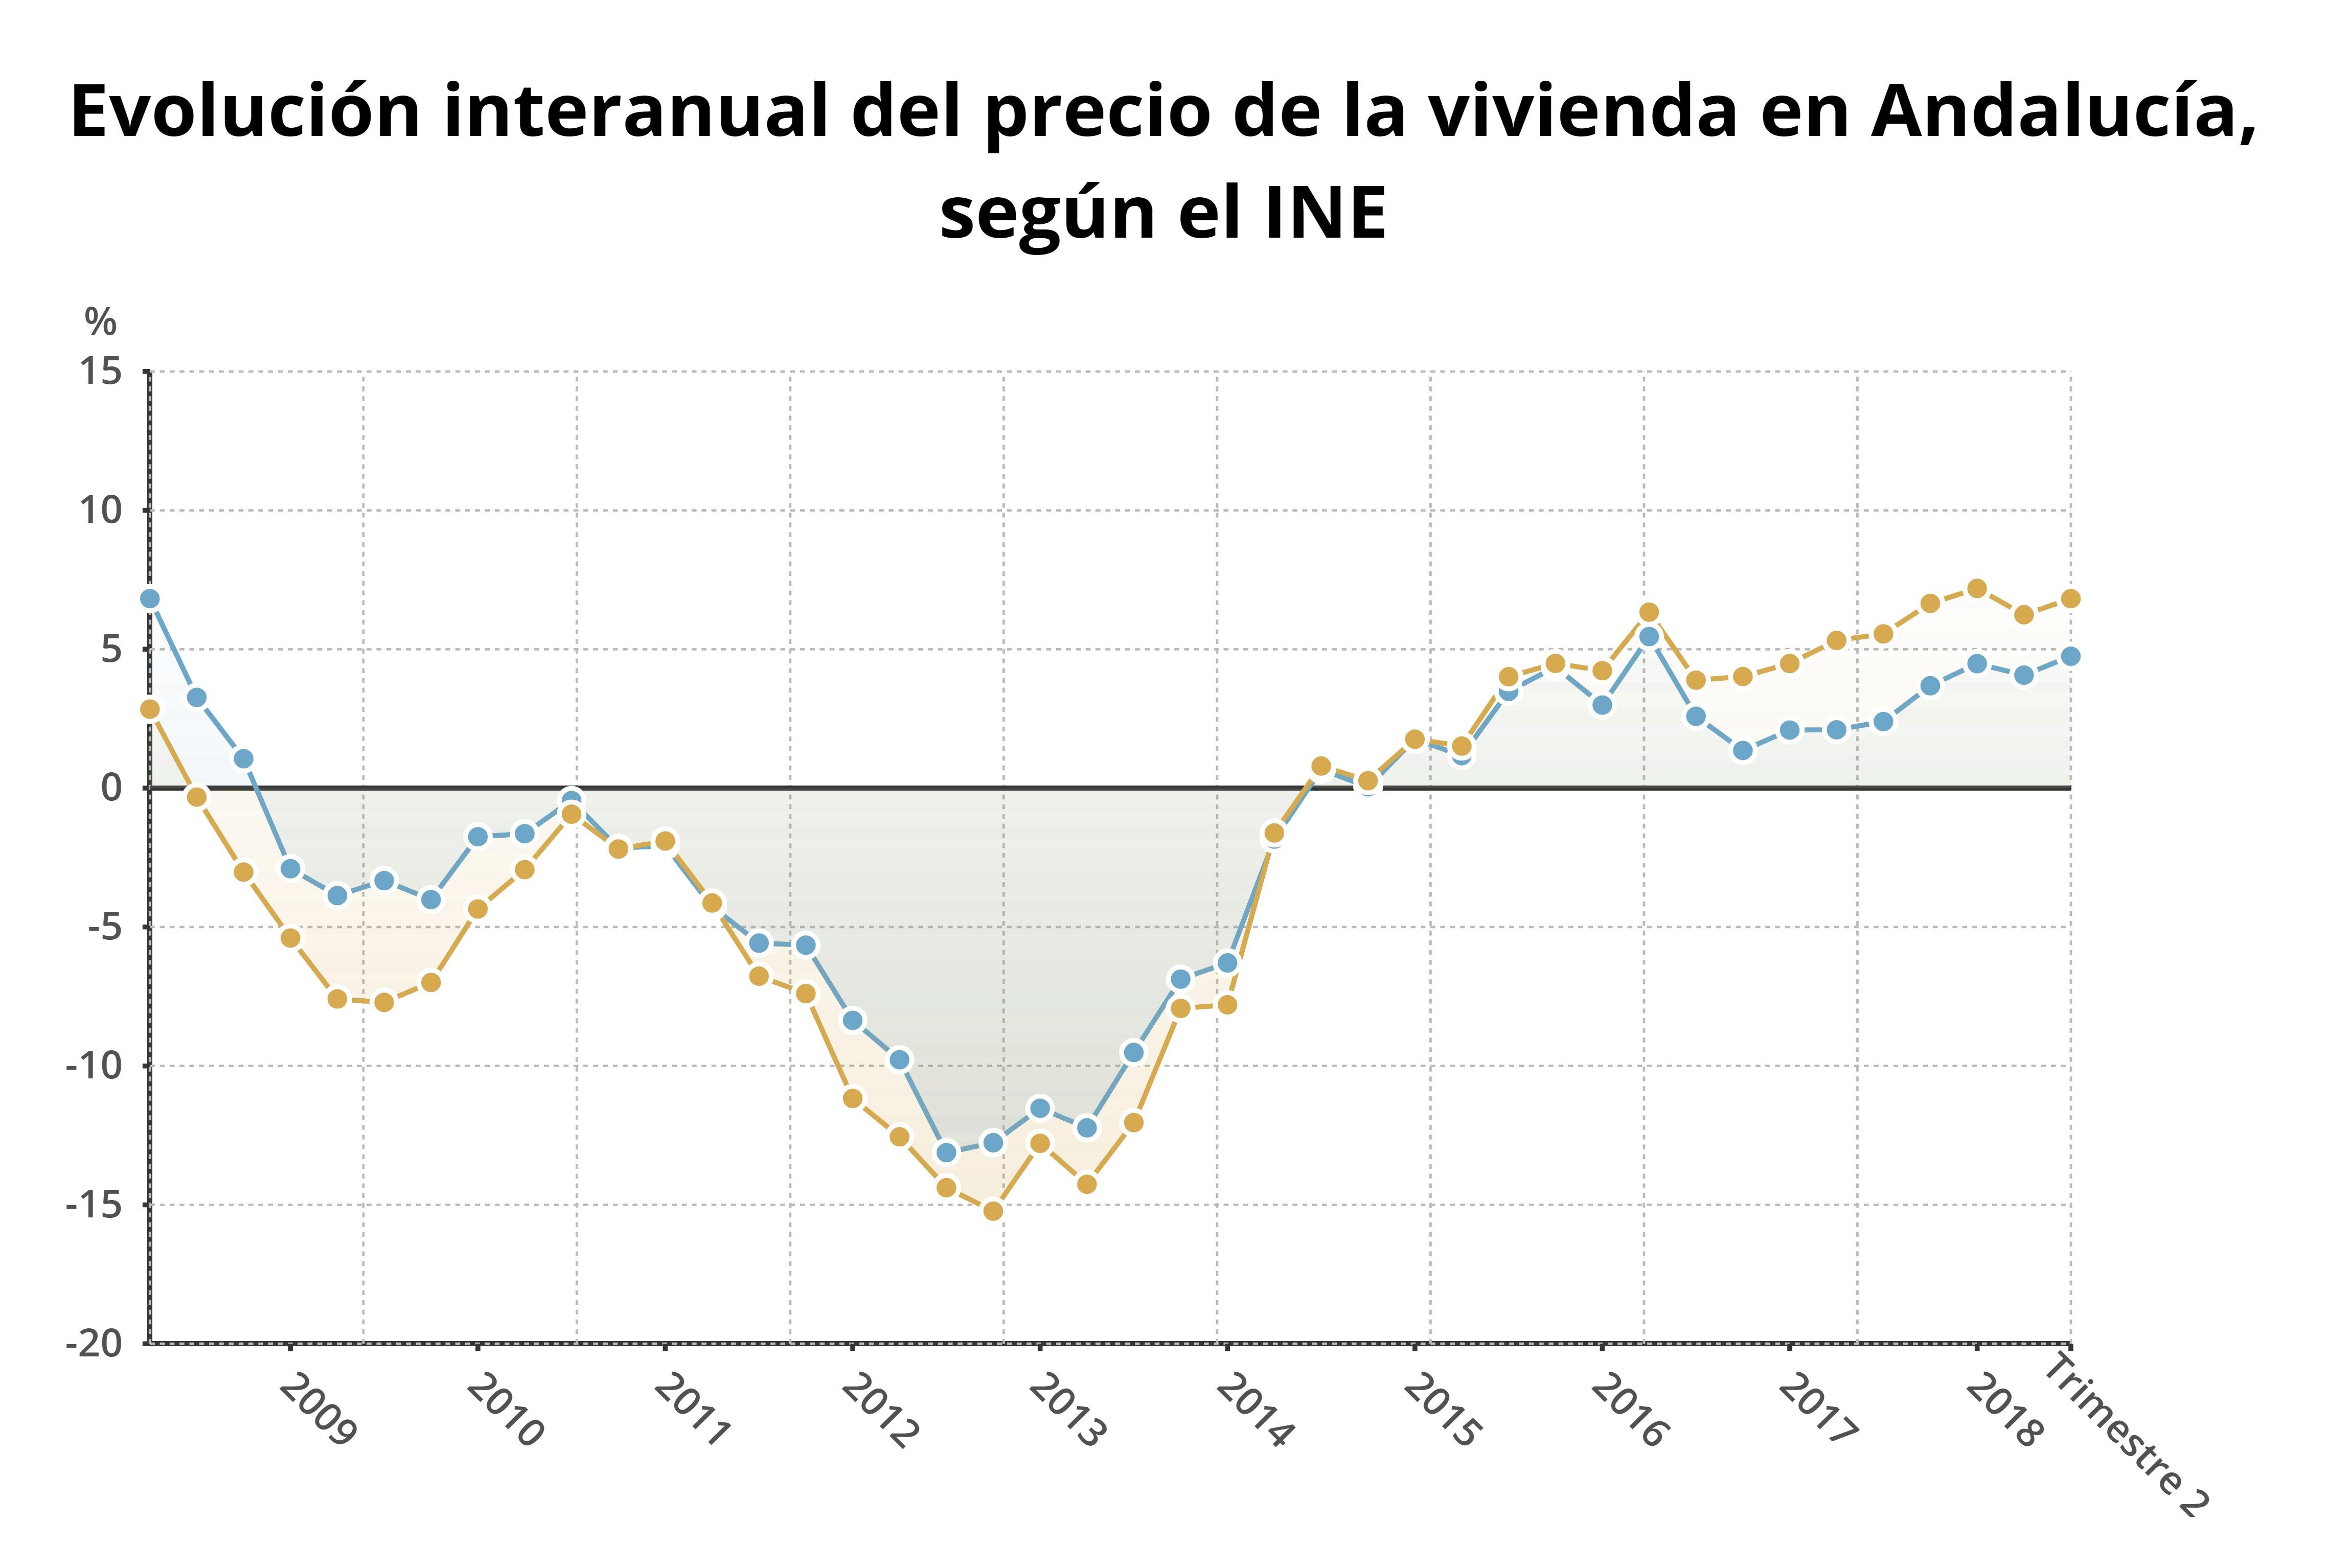 evolucion_interanual_del_precio_de_la_vivienda_en_andalucia_,_segun_el_ine